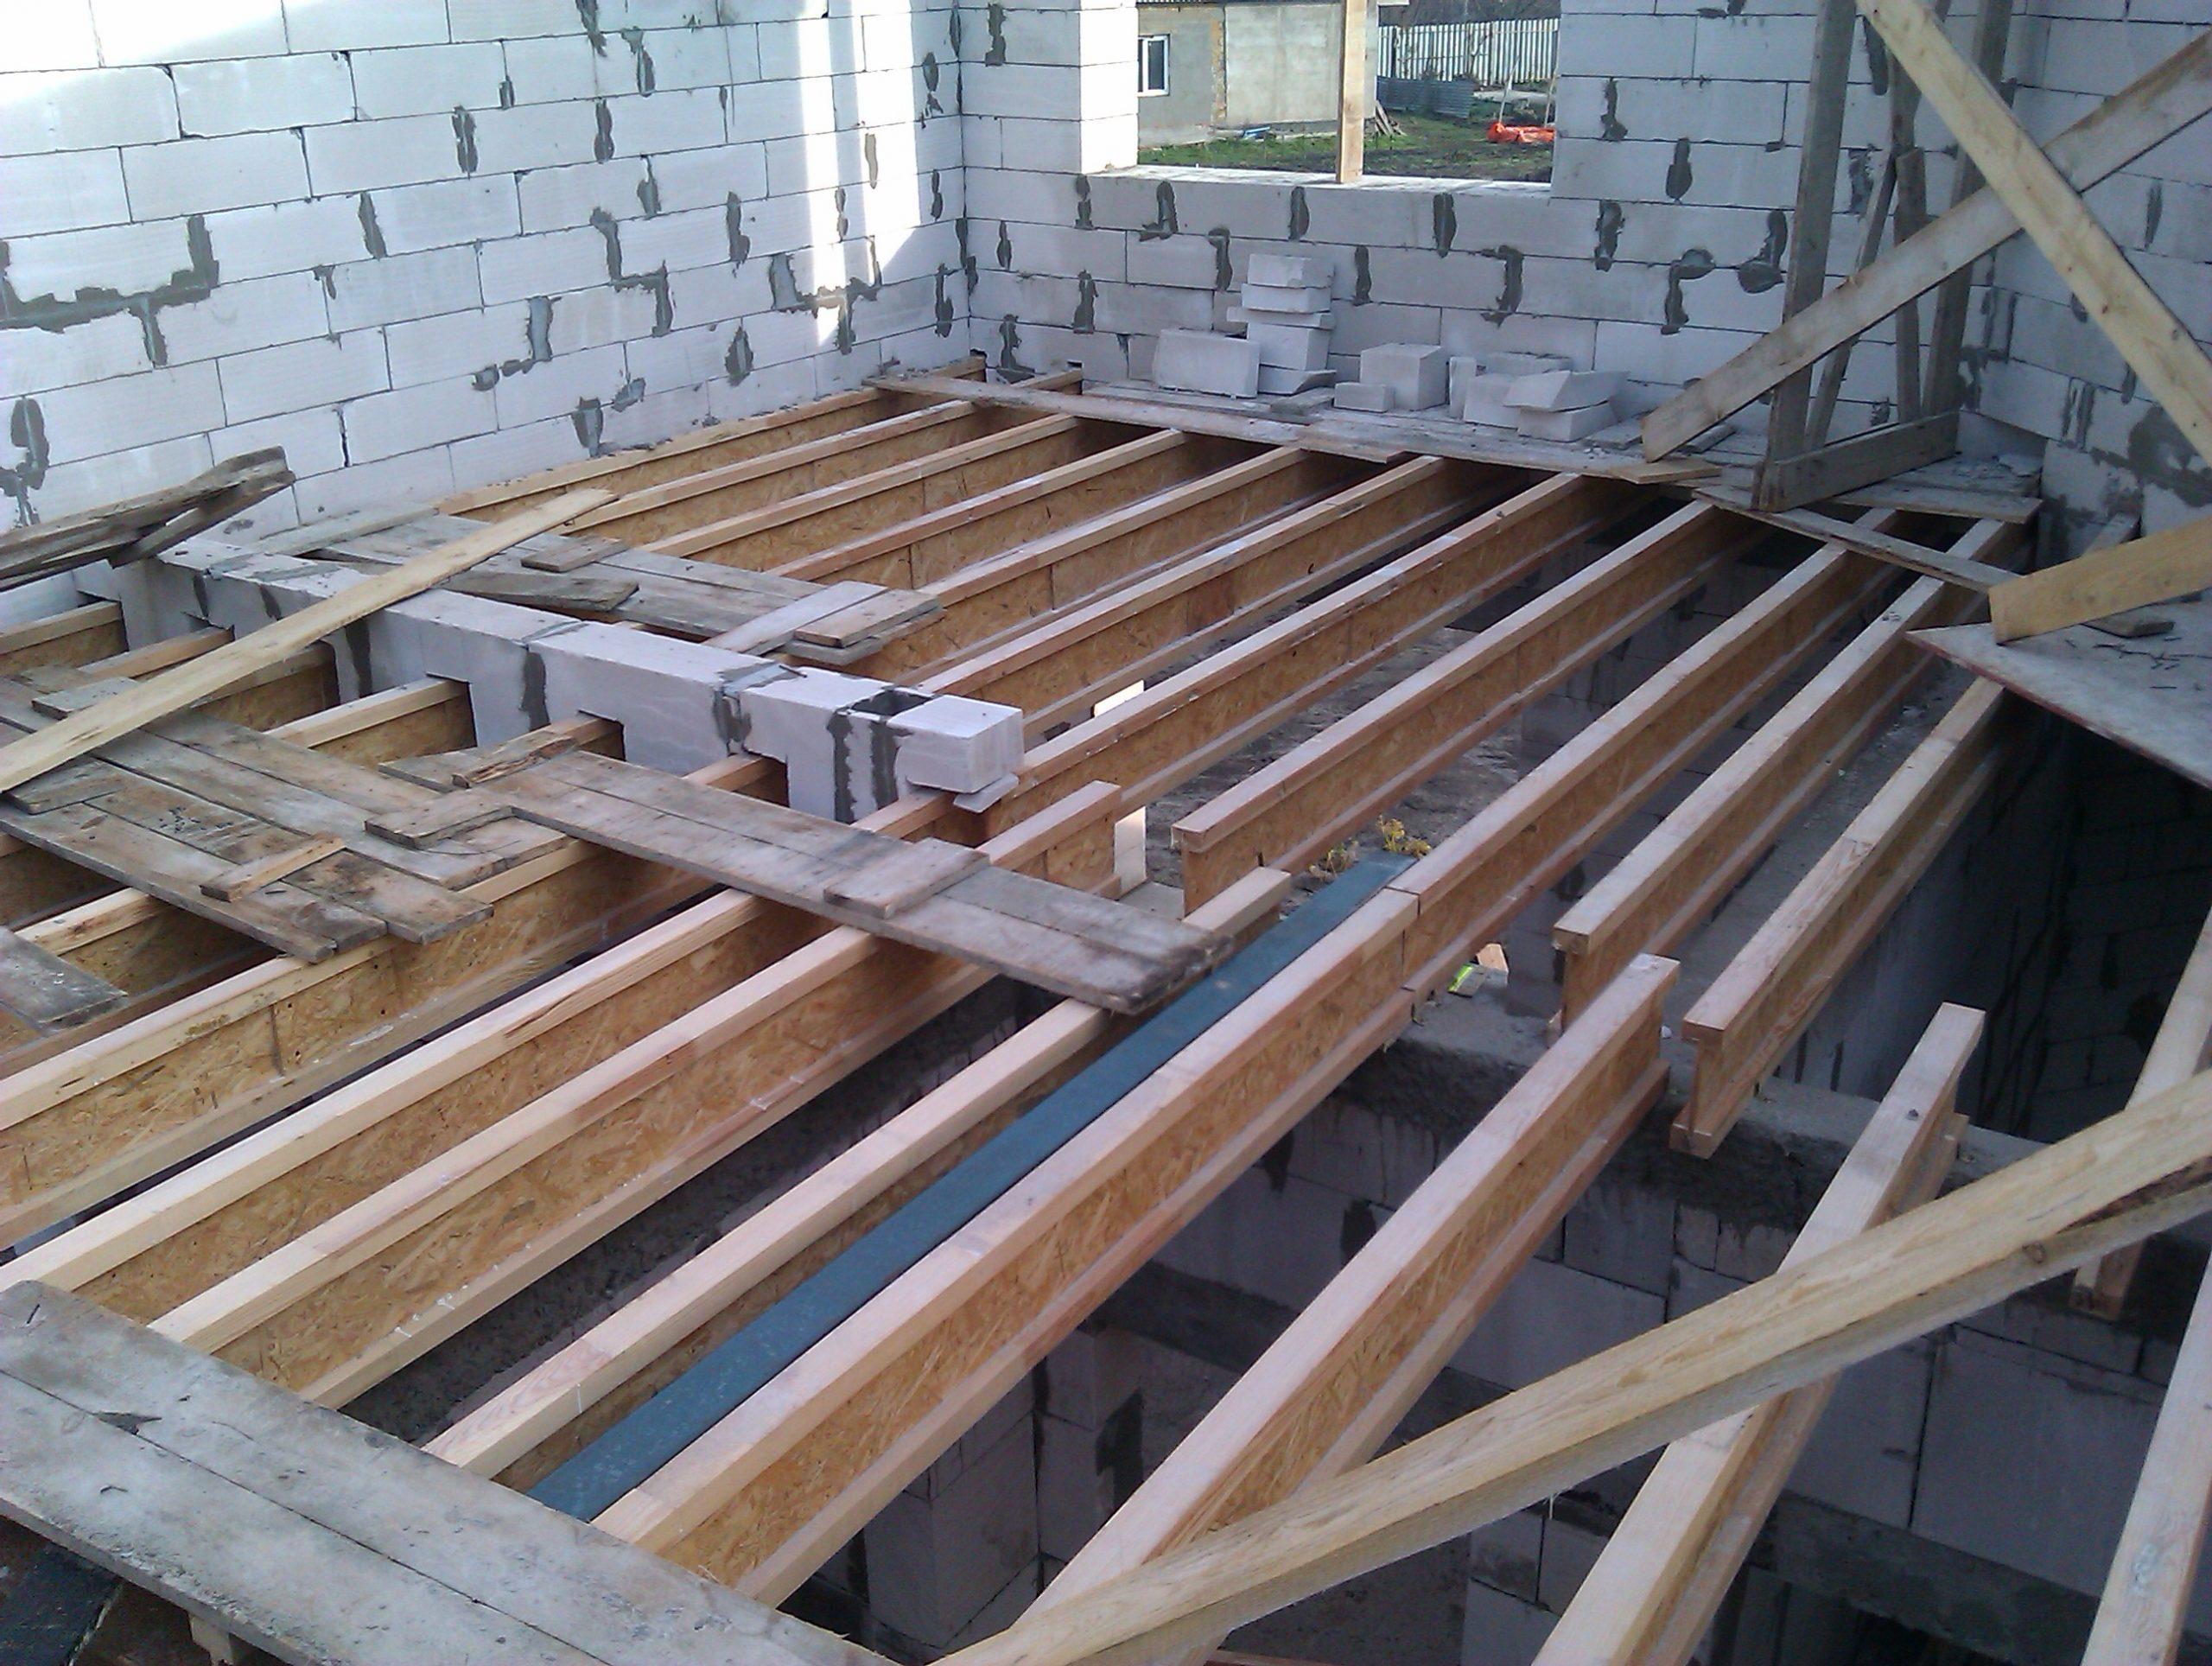 Межэтажное перекрытие с раскладкой деревянных двутавровых балок